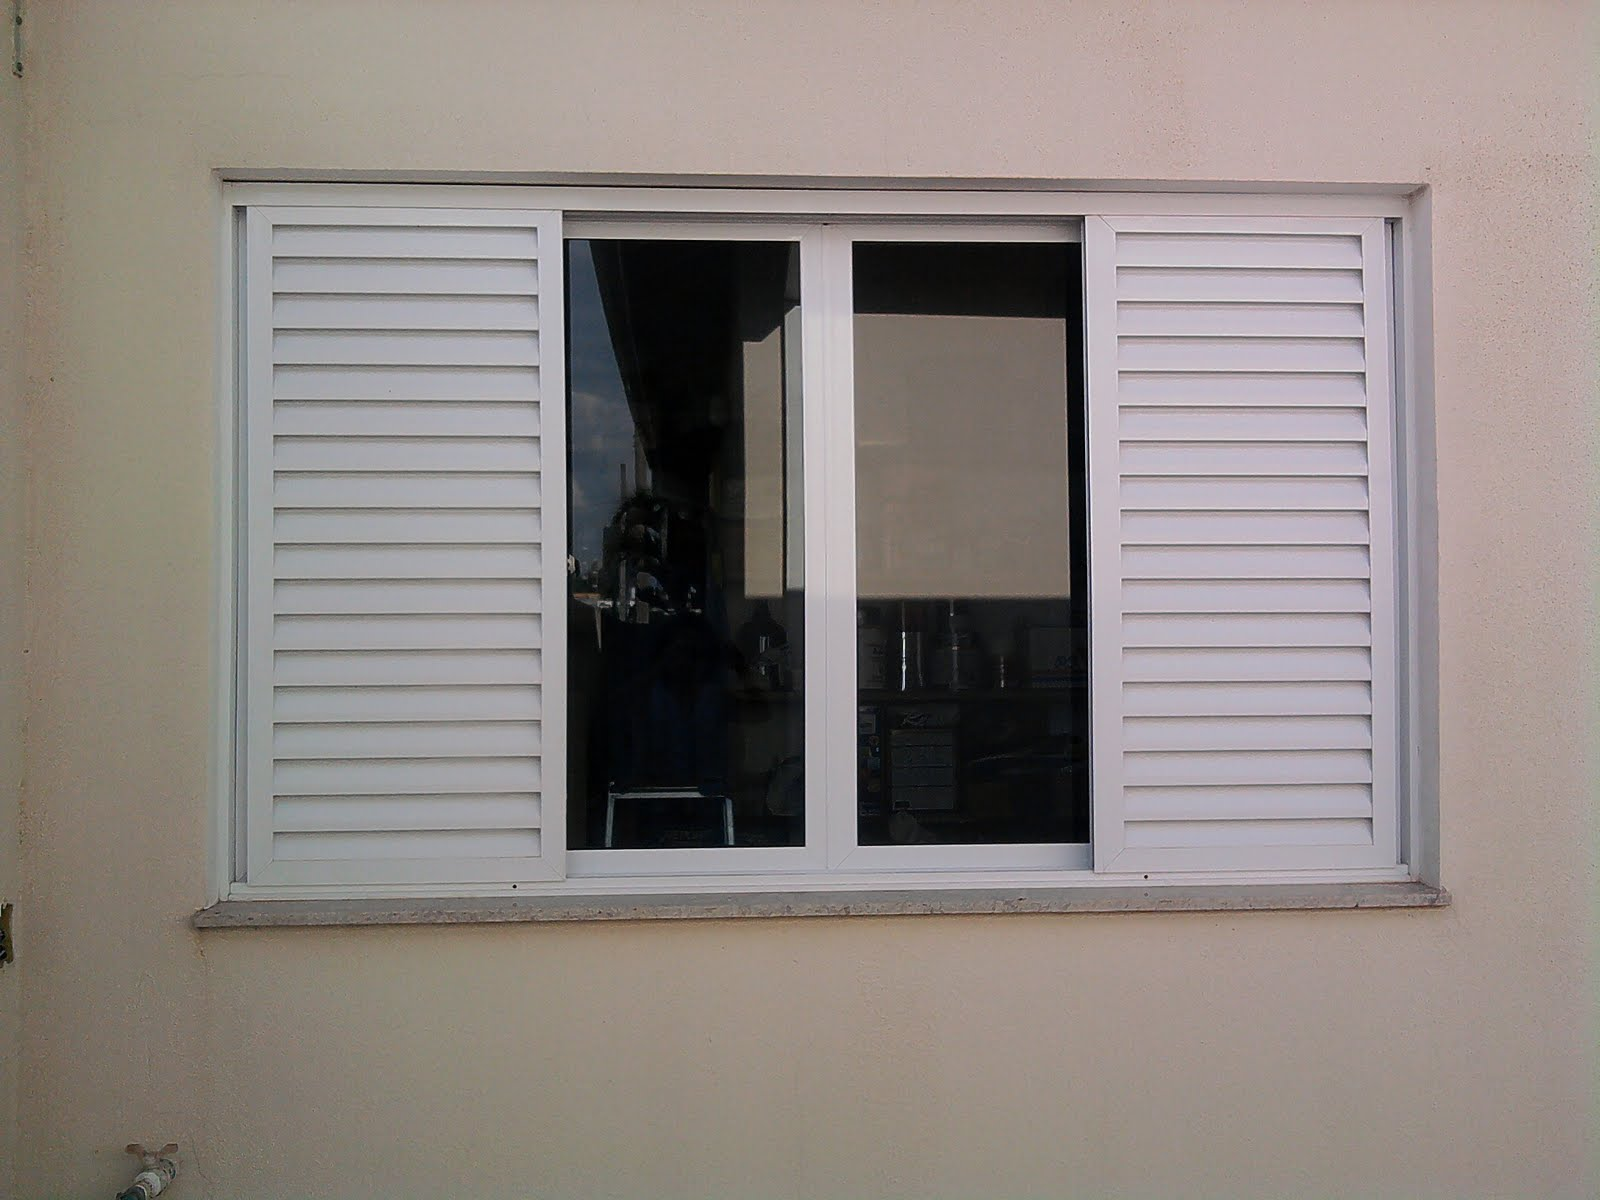 #695E4F  hotmail.com: Venezianas em Alumínio Pintura Eletrostática Branca 4274 Janela Aluminio Branca